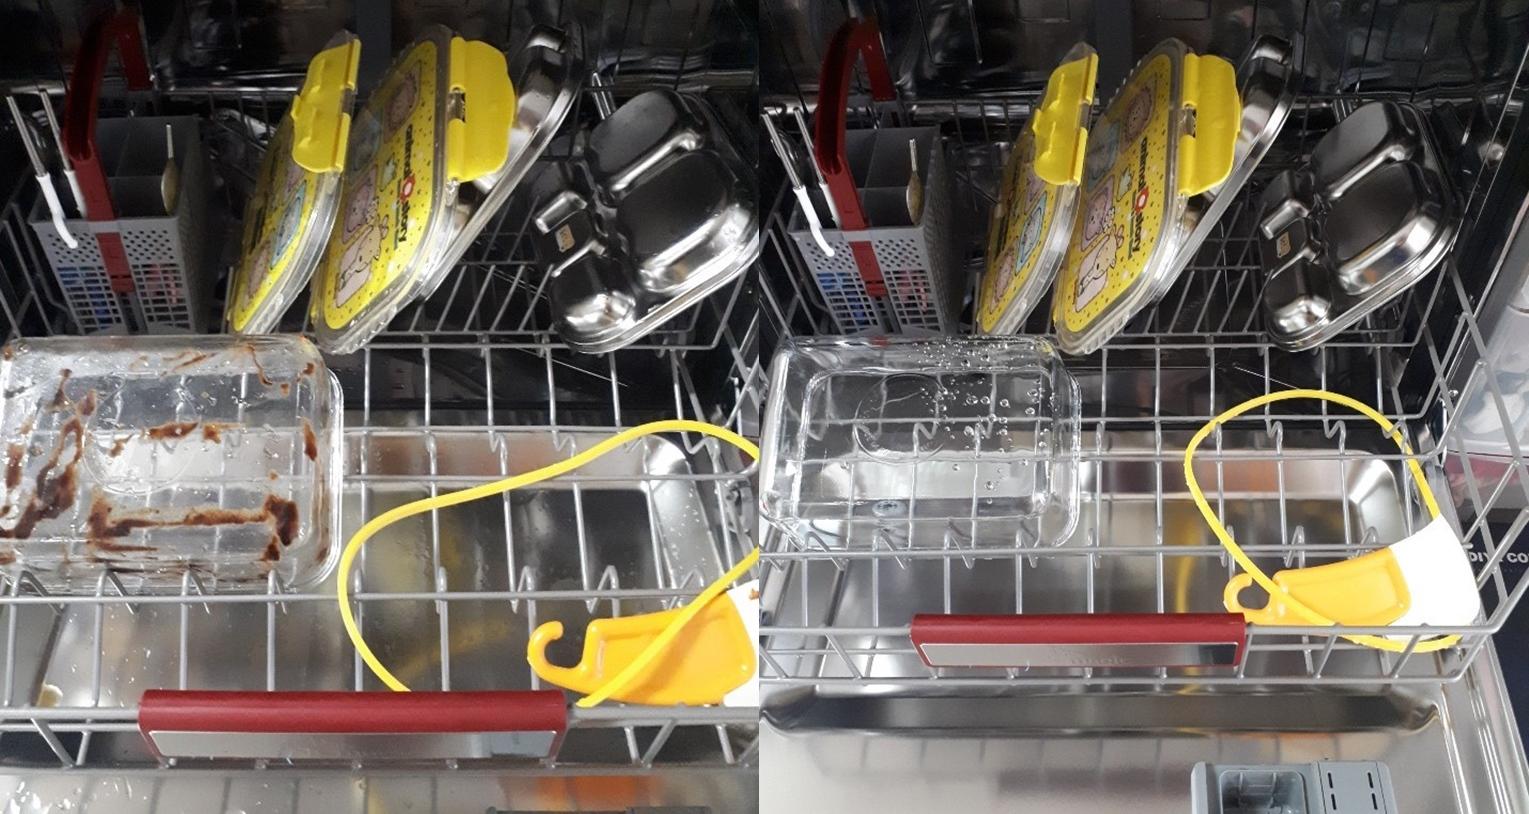 ▲ (좌)음식 찌꺼기로 지저분해진 그릇들, (우)깔끔하게 씻겨 나온 그릇들